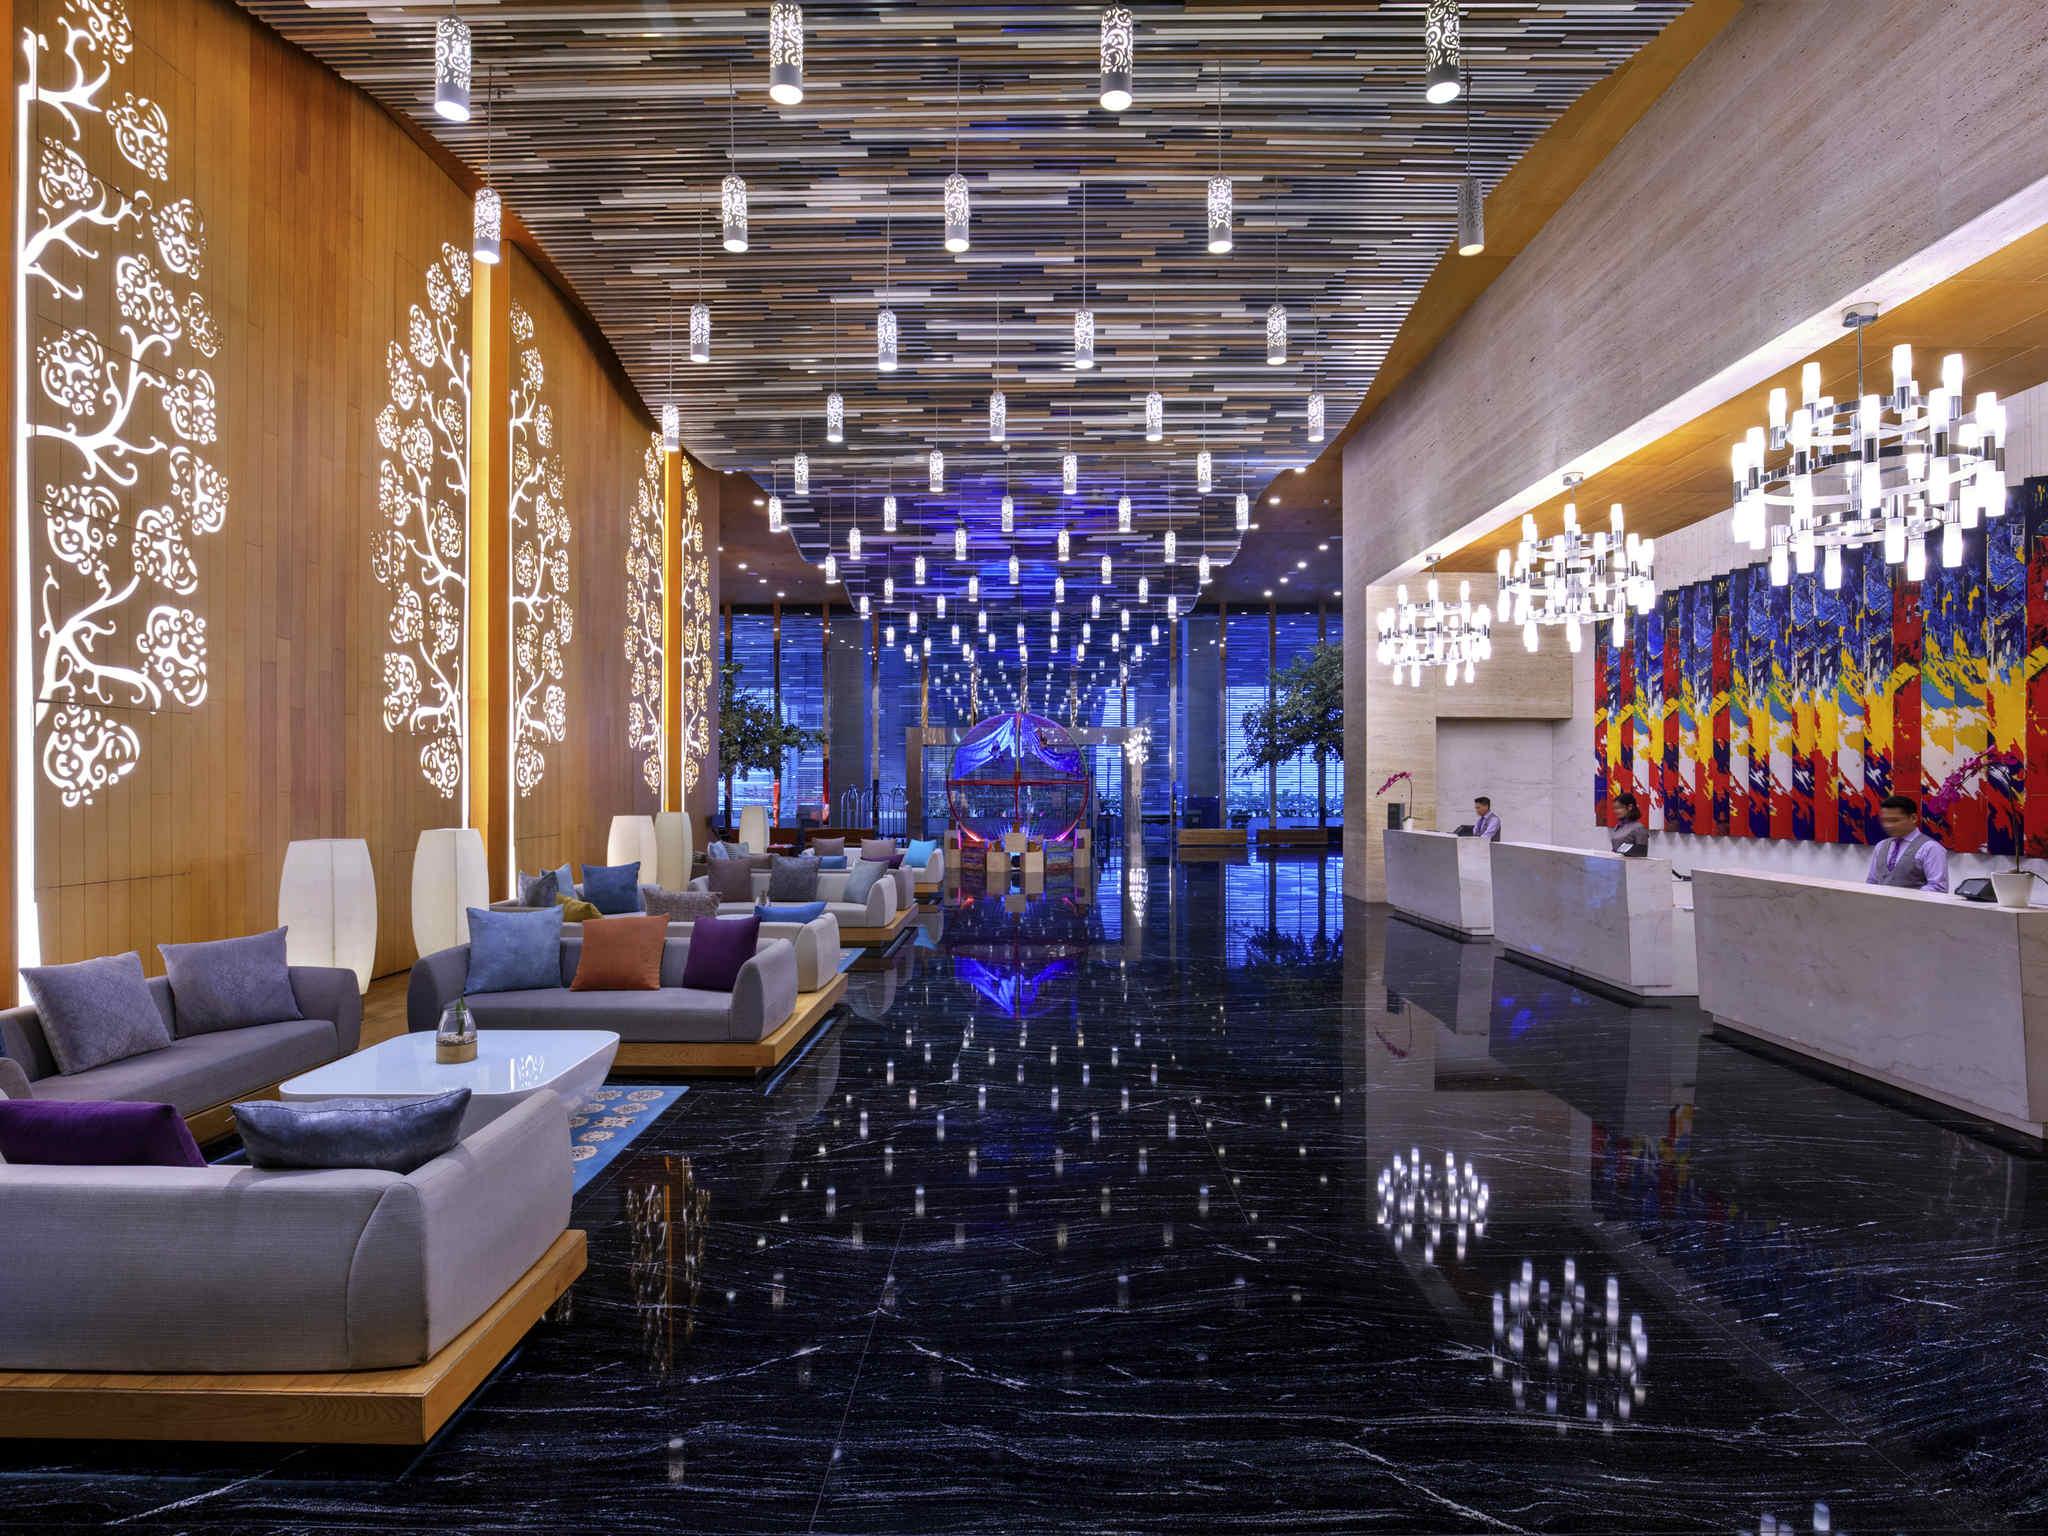 โรงแรม – แกรนด์ เมอร์เคียว จาการ์ตา เคมาโยรัน